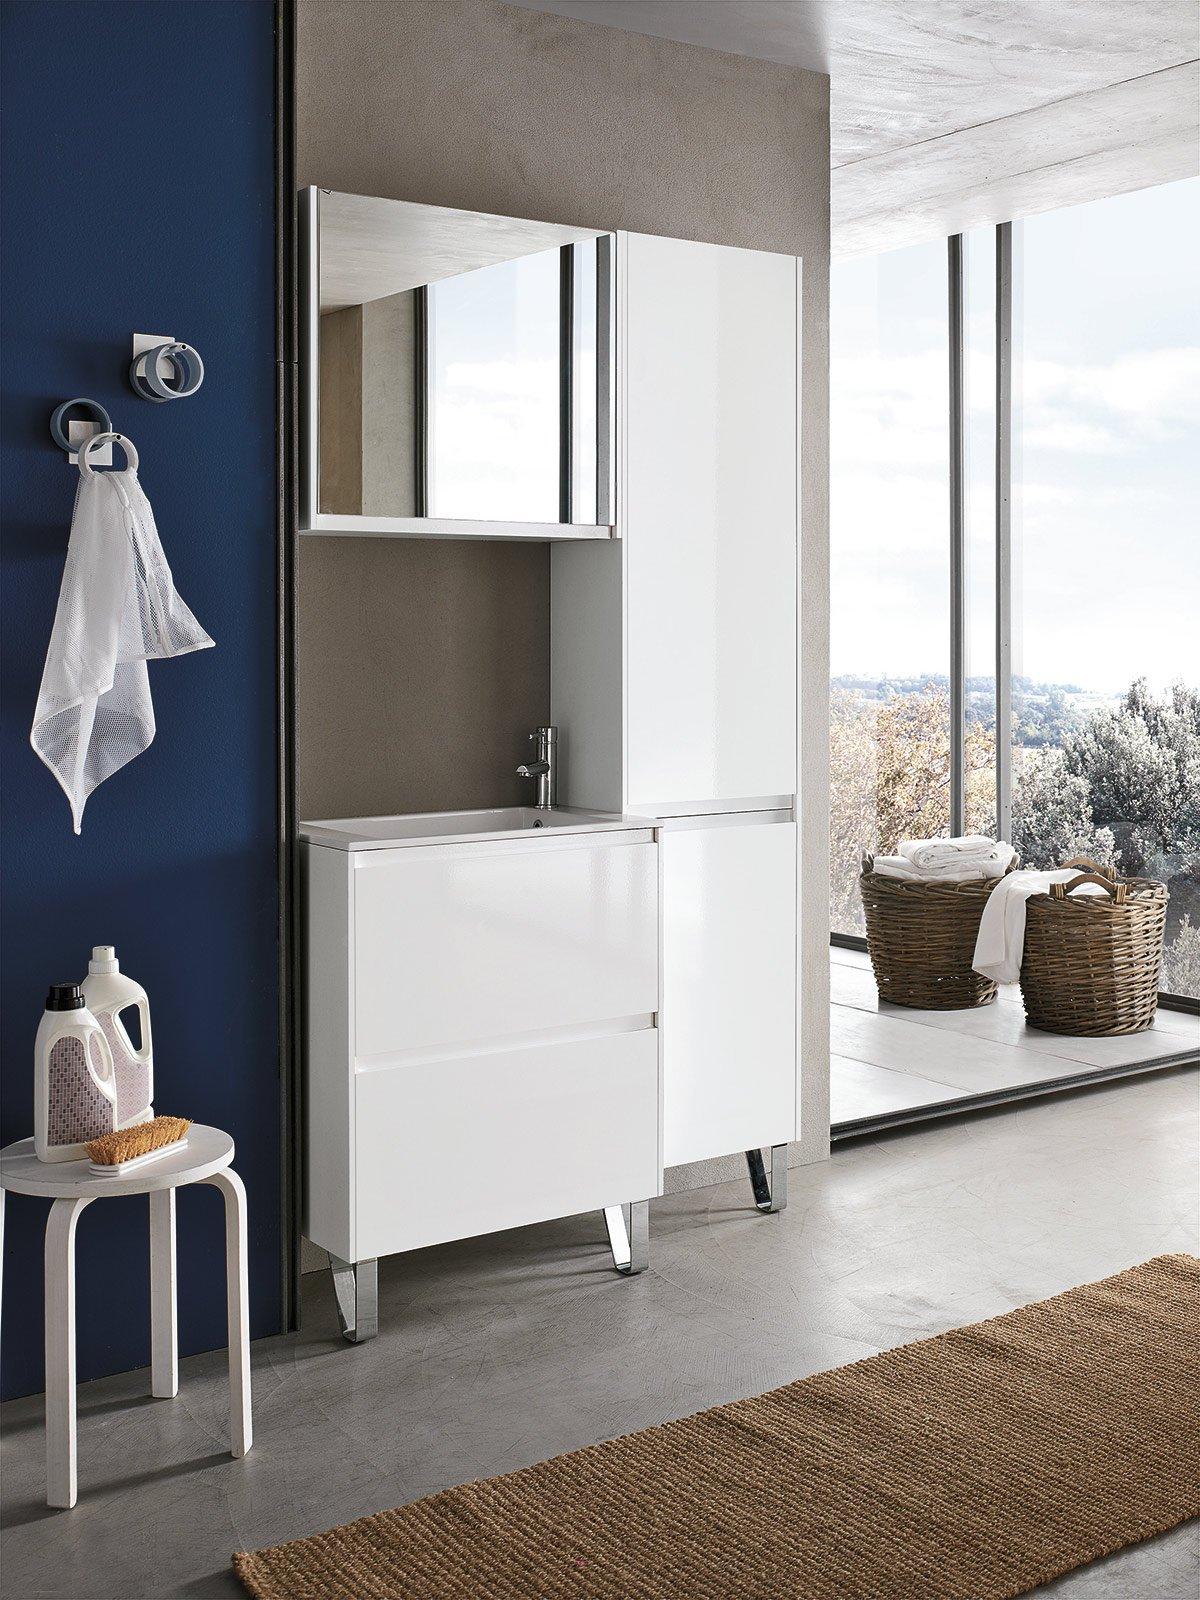 Lavabo e mobile bagno: novità viste al Cersaie - Cose di Casa